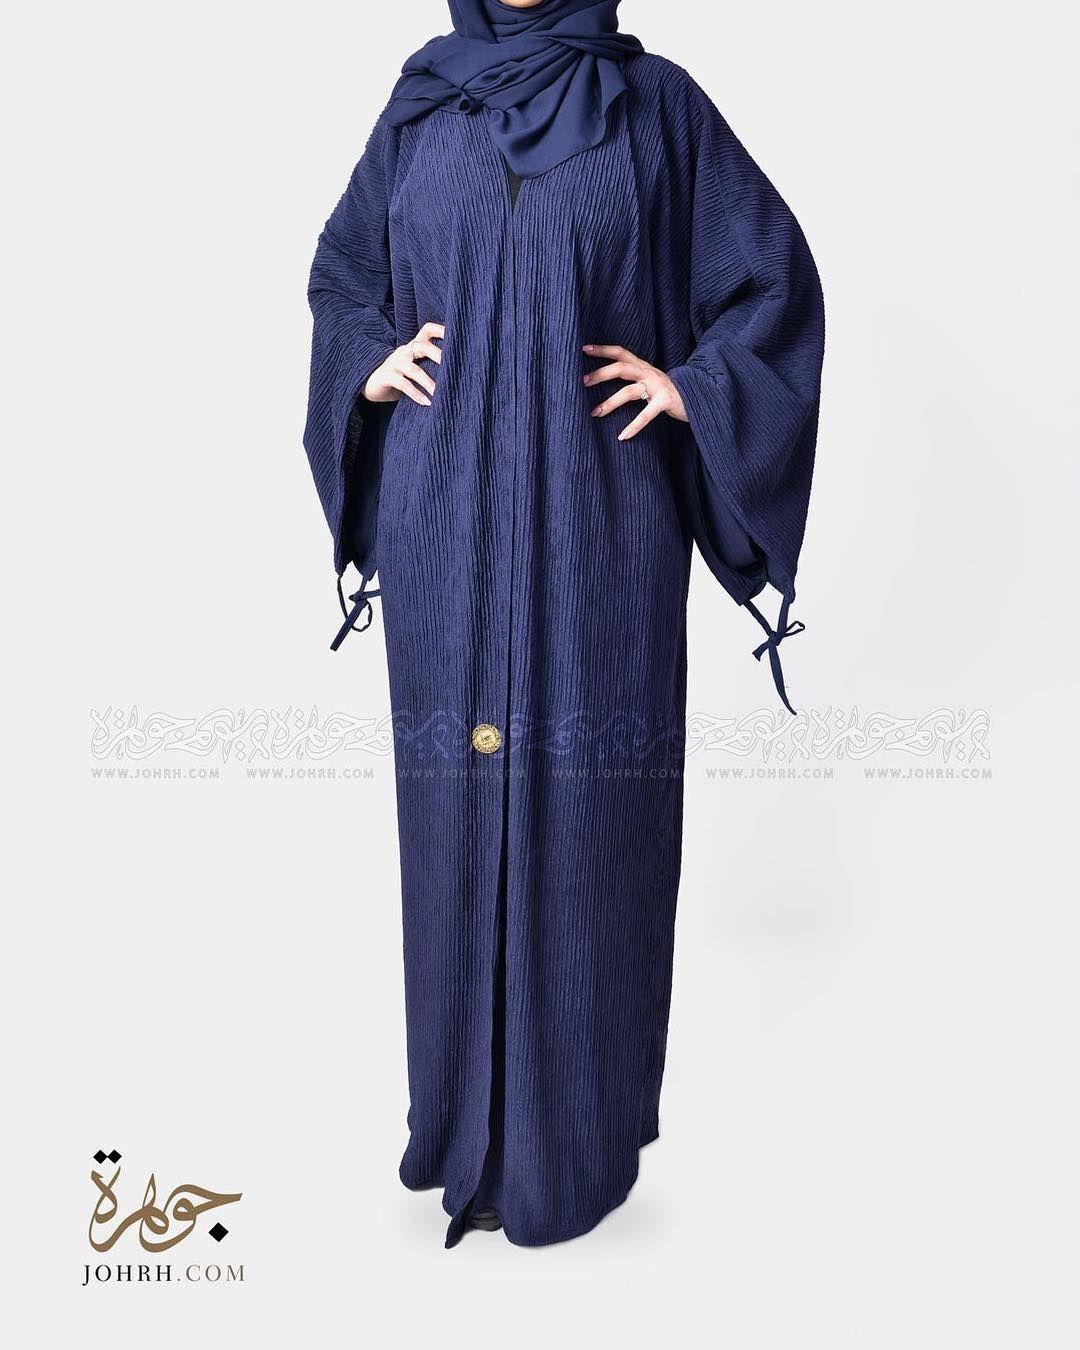 رقم الموديل 1222 السعر 230 ريال عباية بقصة اماراتية وقماش استرتش بتقليمه مميزه ولون كحلي وقصة كم واسع قابله للزم بشريط في نهاية Fashion Dresses Cover Up